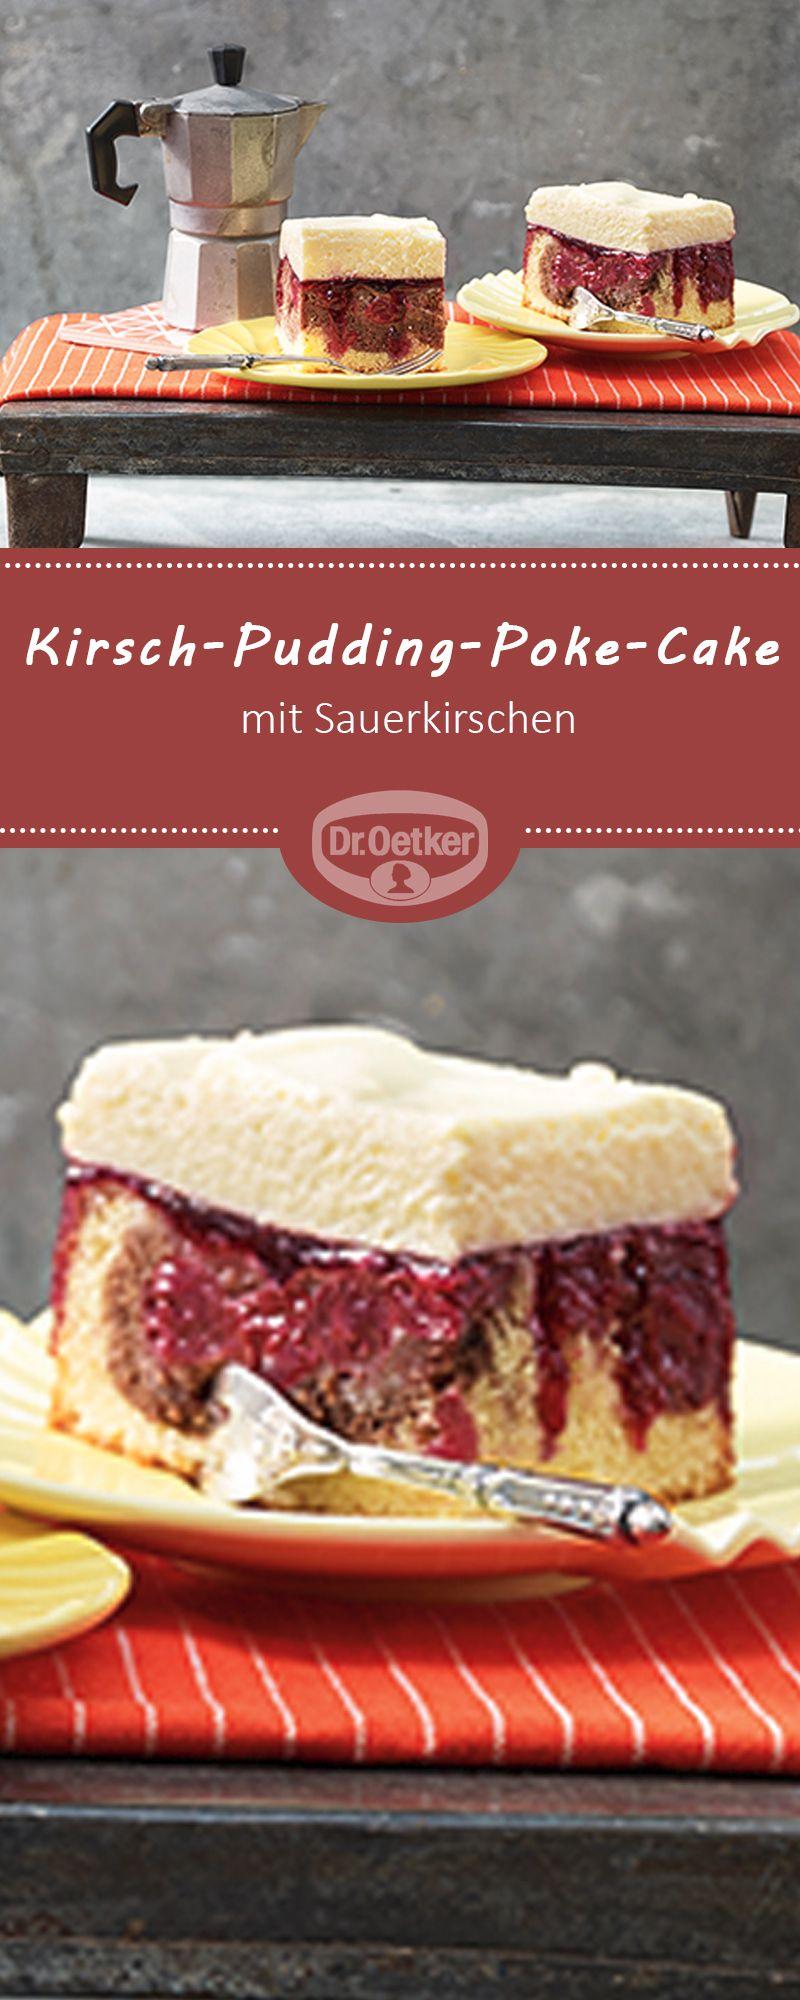 Kirsch Pudding Poke Cake Rezept Kuchen Torten Tartes Pinterest